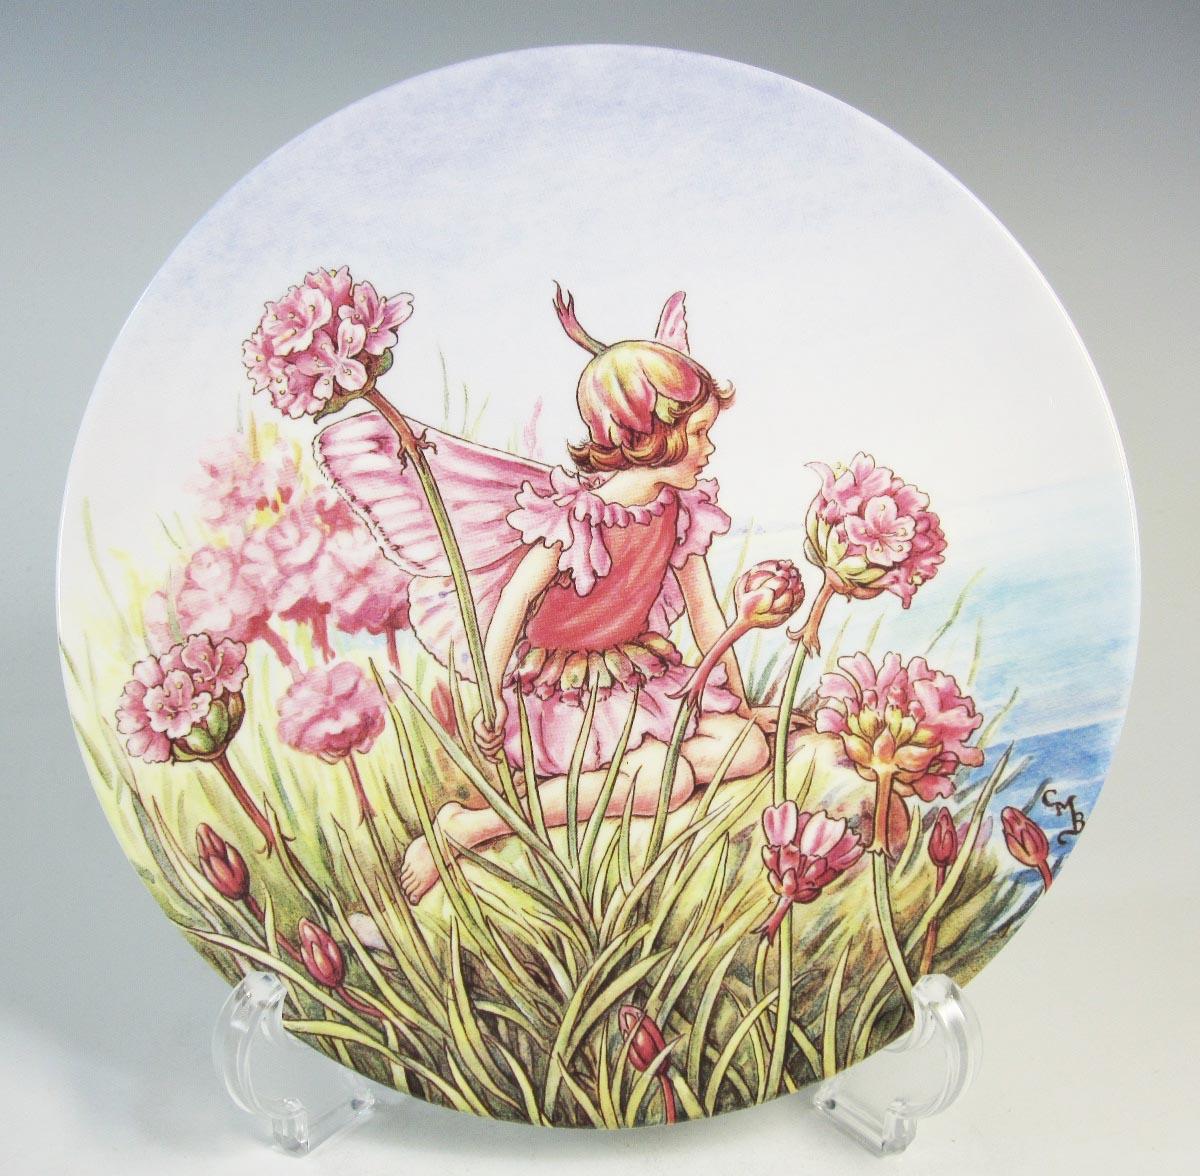 ウェッジウッド Wedgwood フラワーフェアリーコレクション Flower Fairies/花の妖精 スリフト 【廃盤品/個数限定】